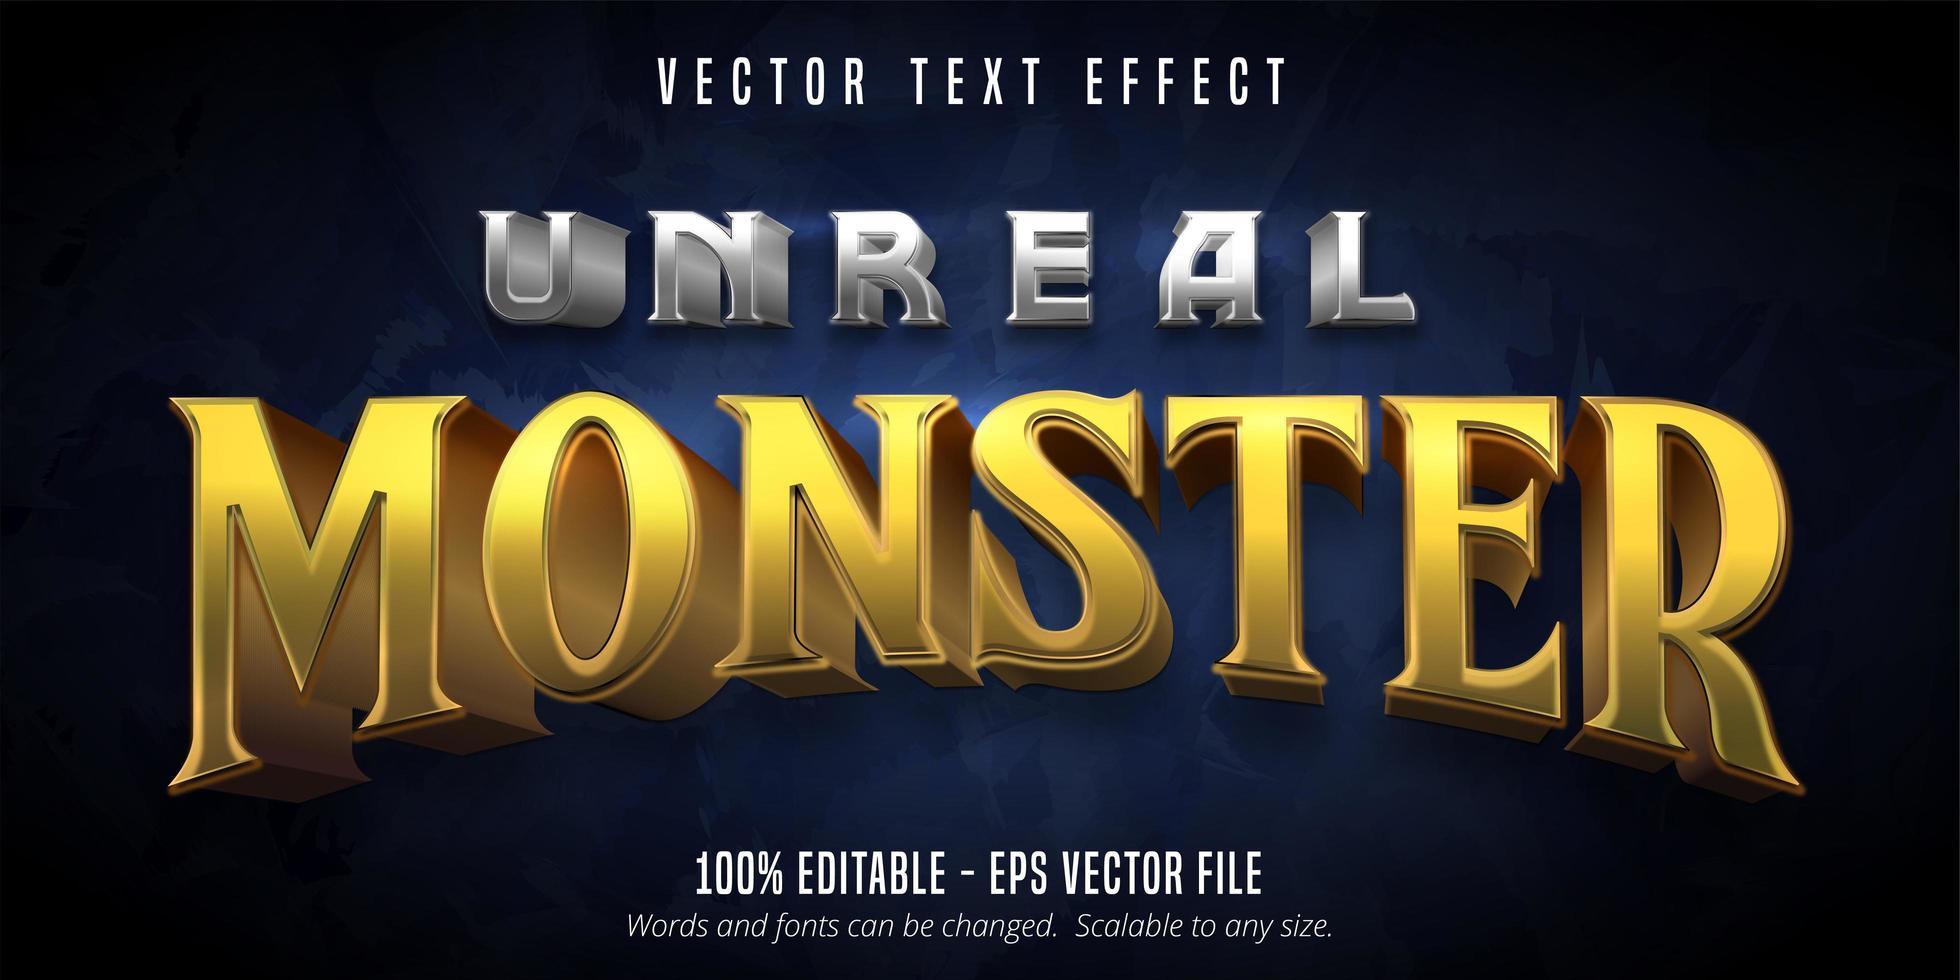 onwerkelijk monster metallic spelstijl teksteffect vector